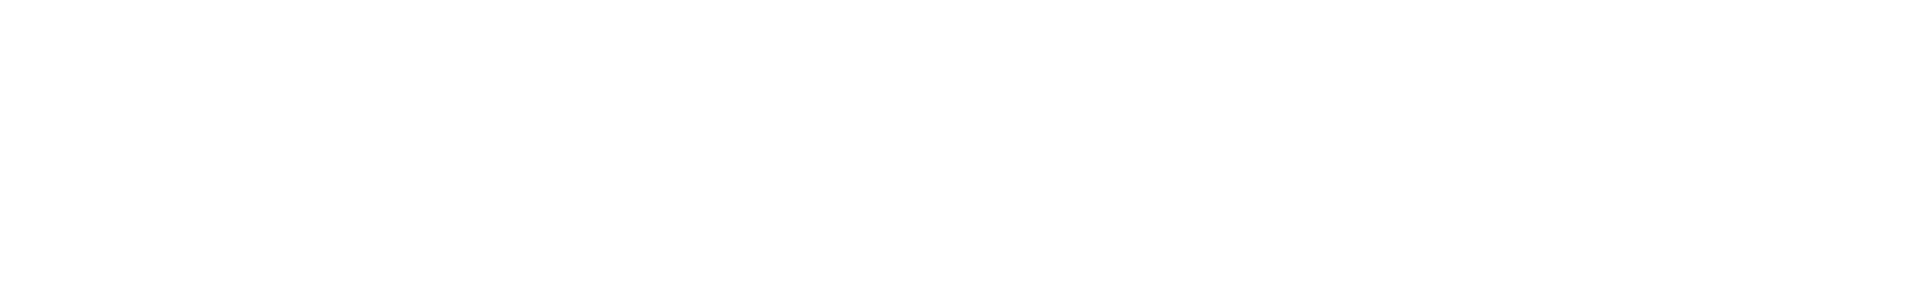 Almi invest logo